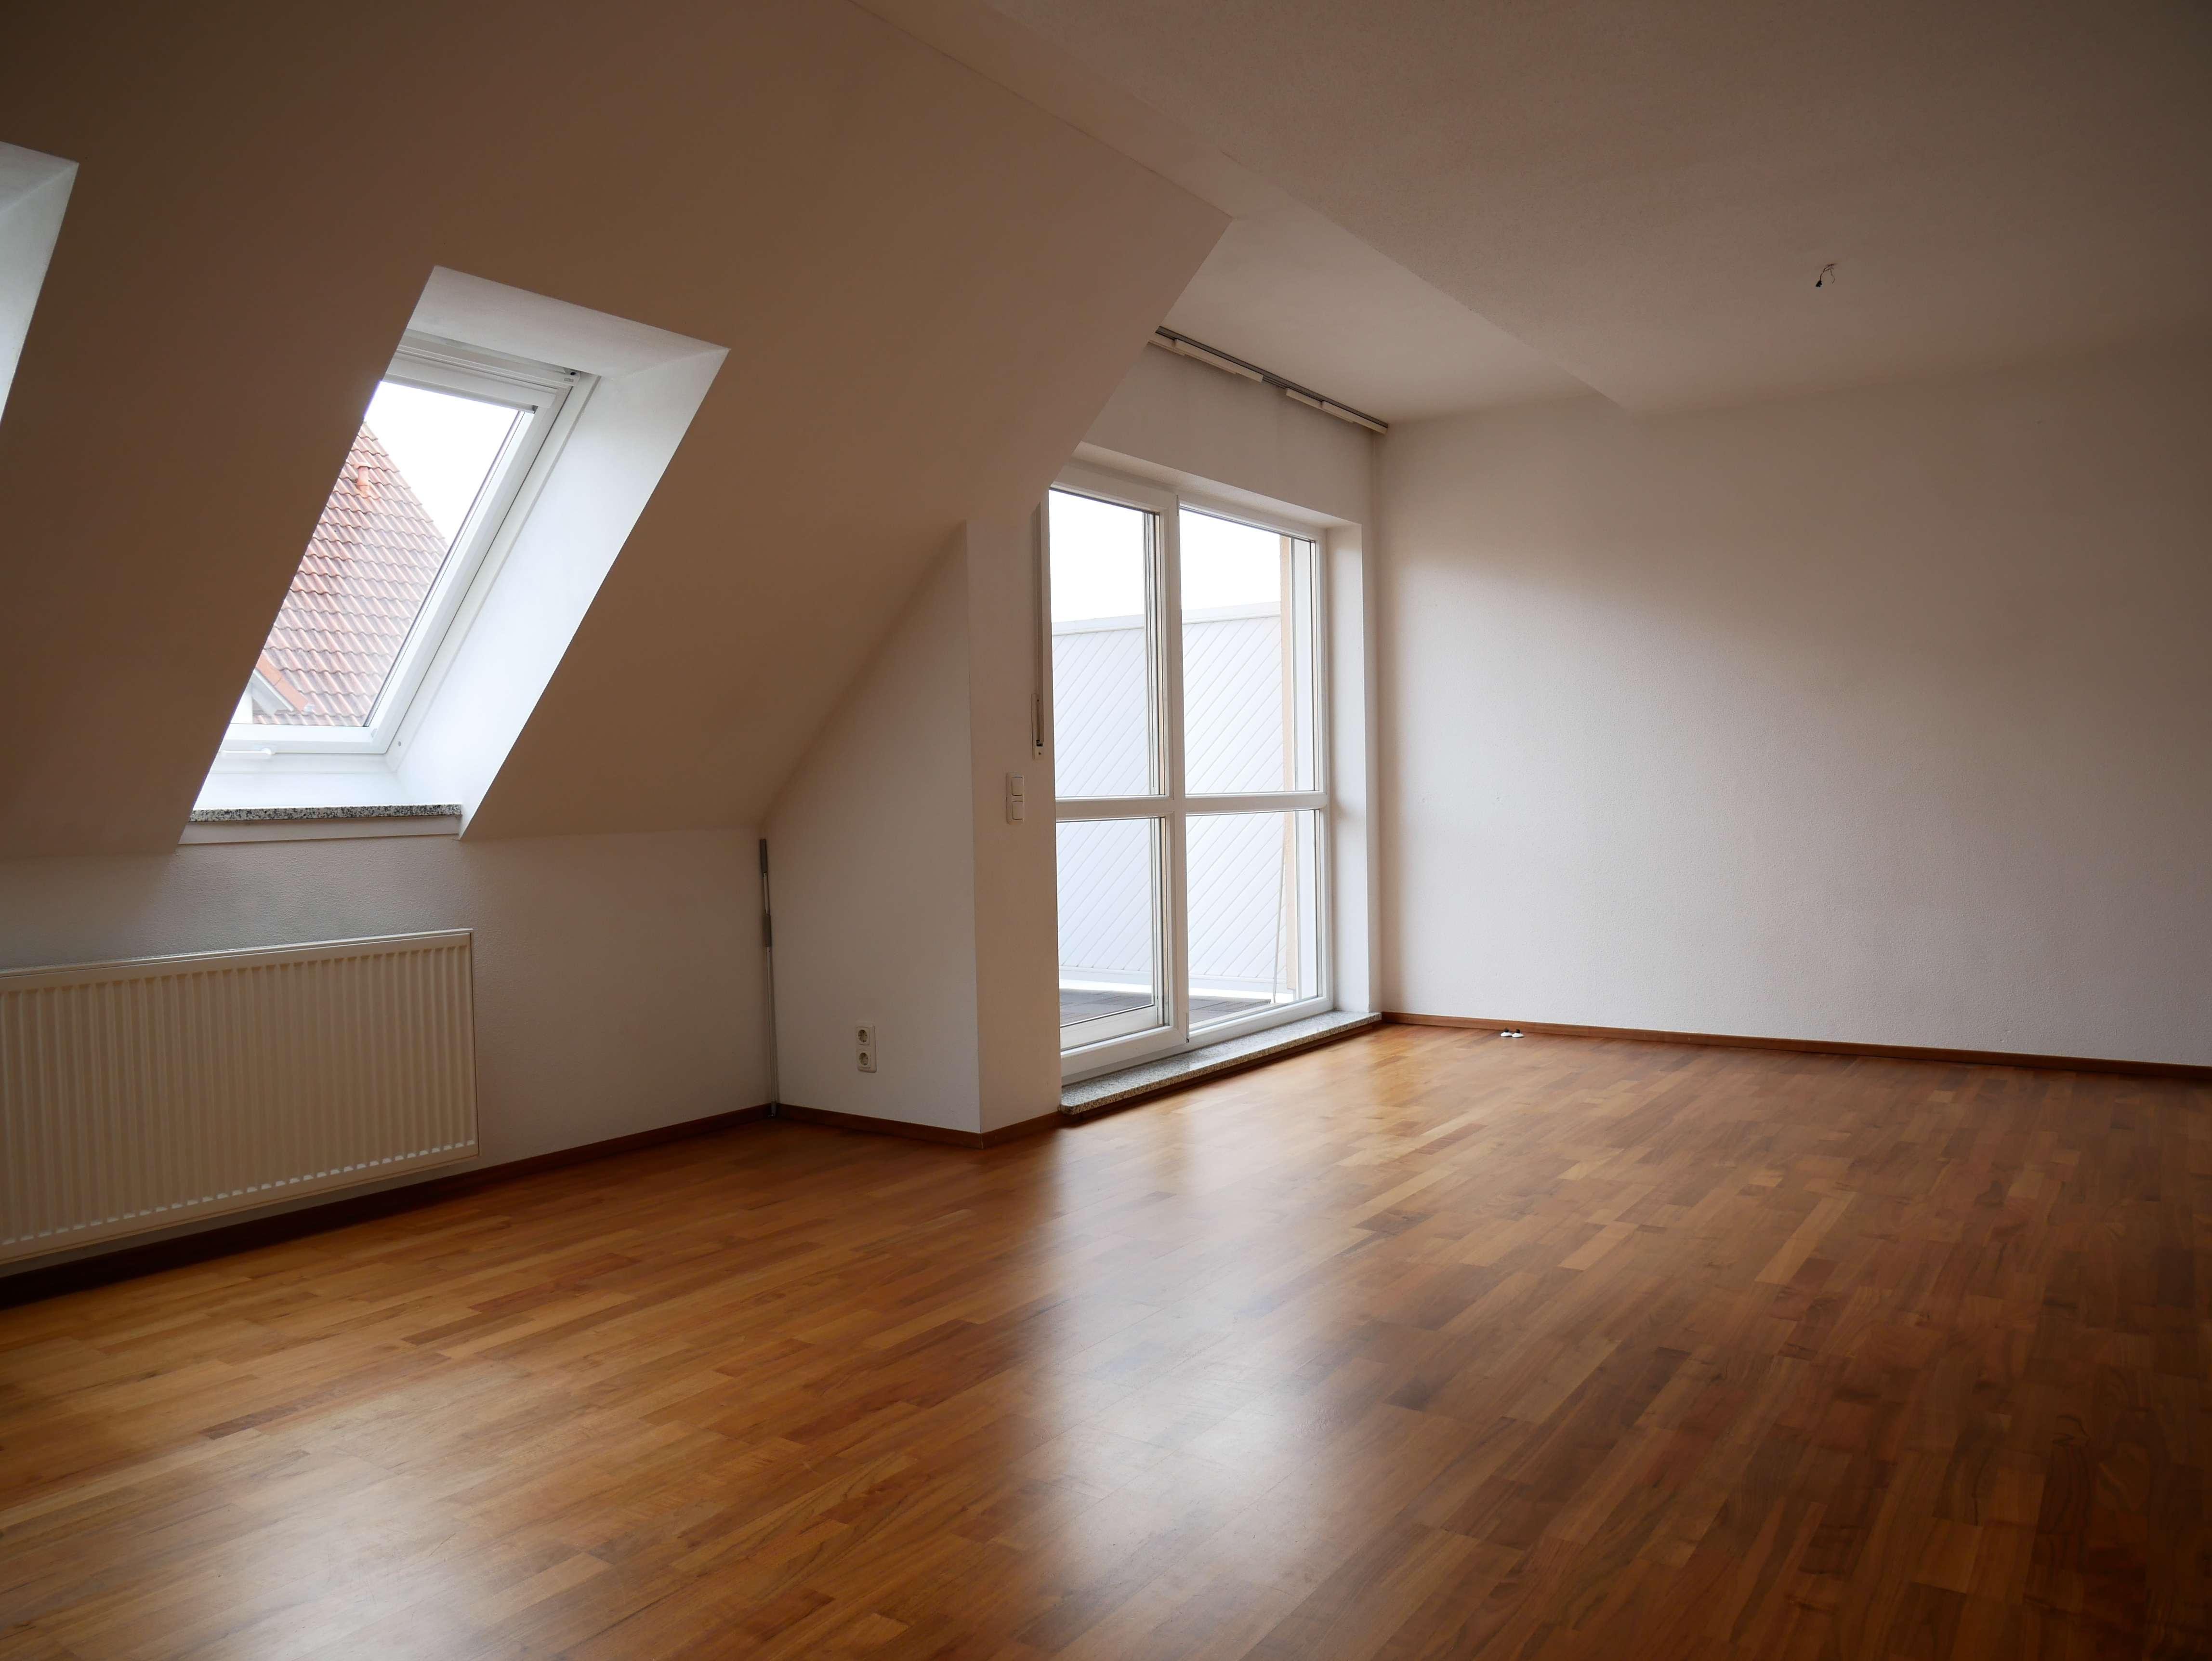 Wohnen auf 2 Etagen - 4,5 Zimmer Maisonette-Wohnung in